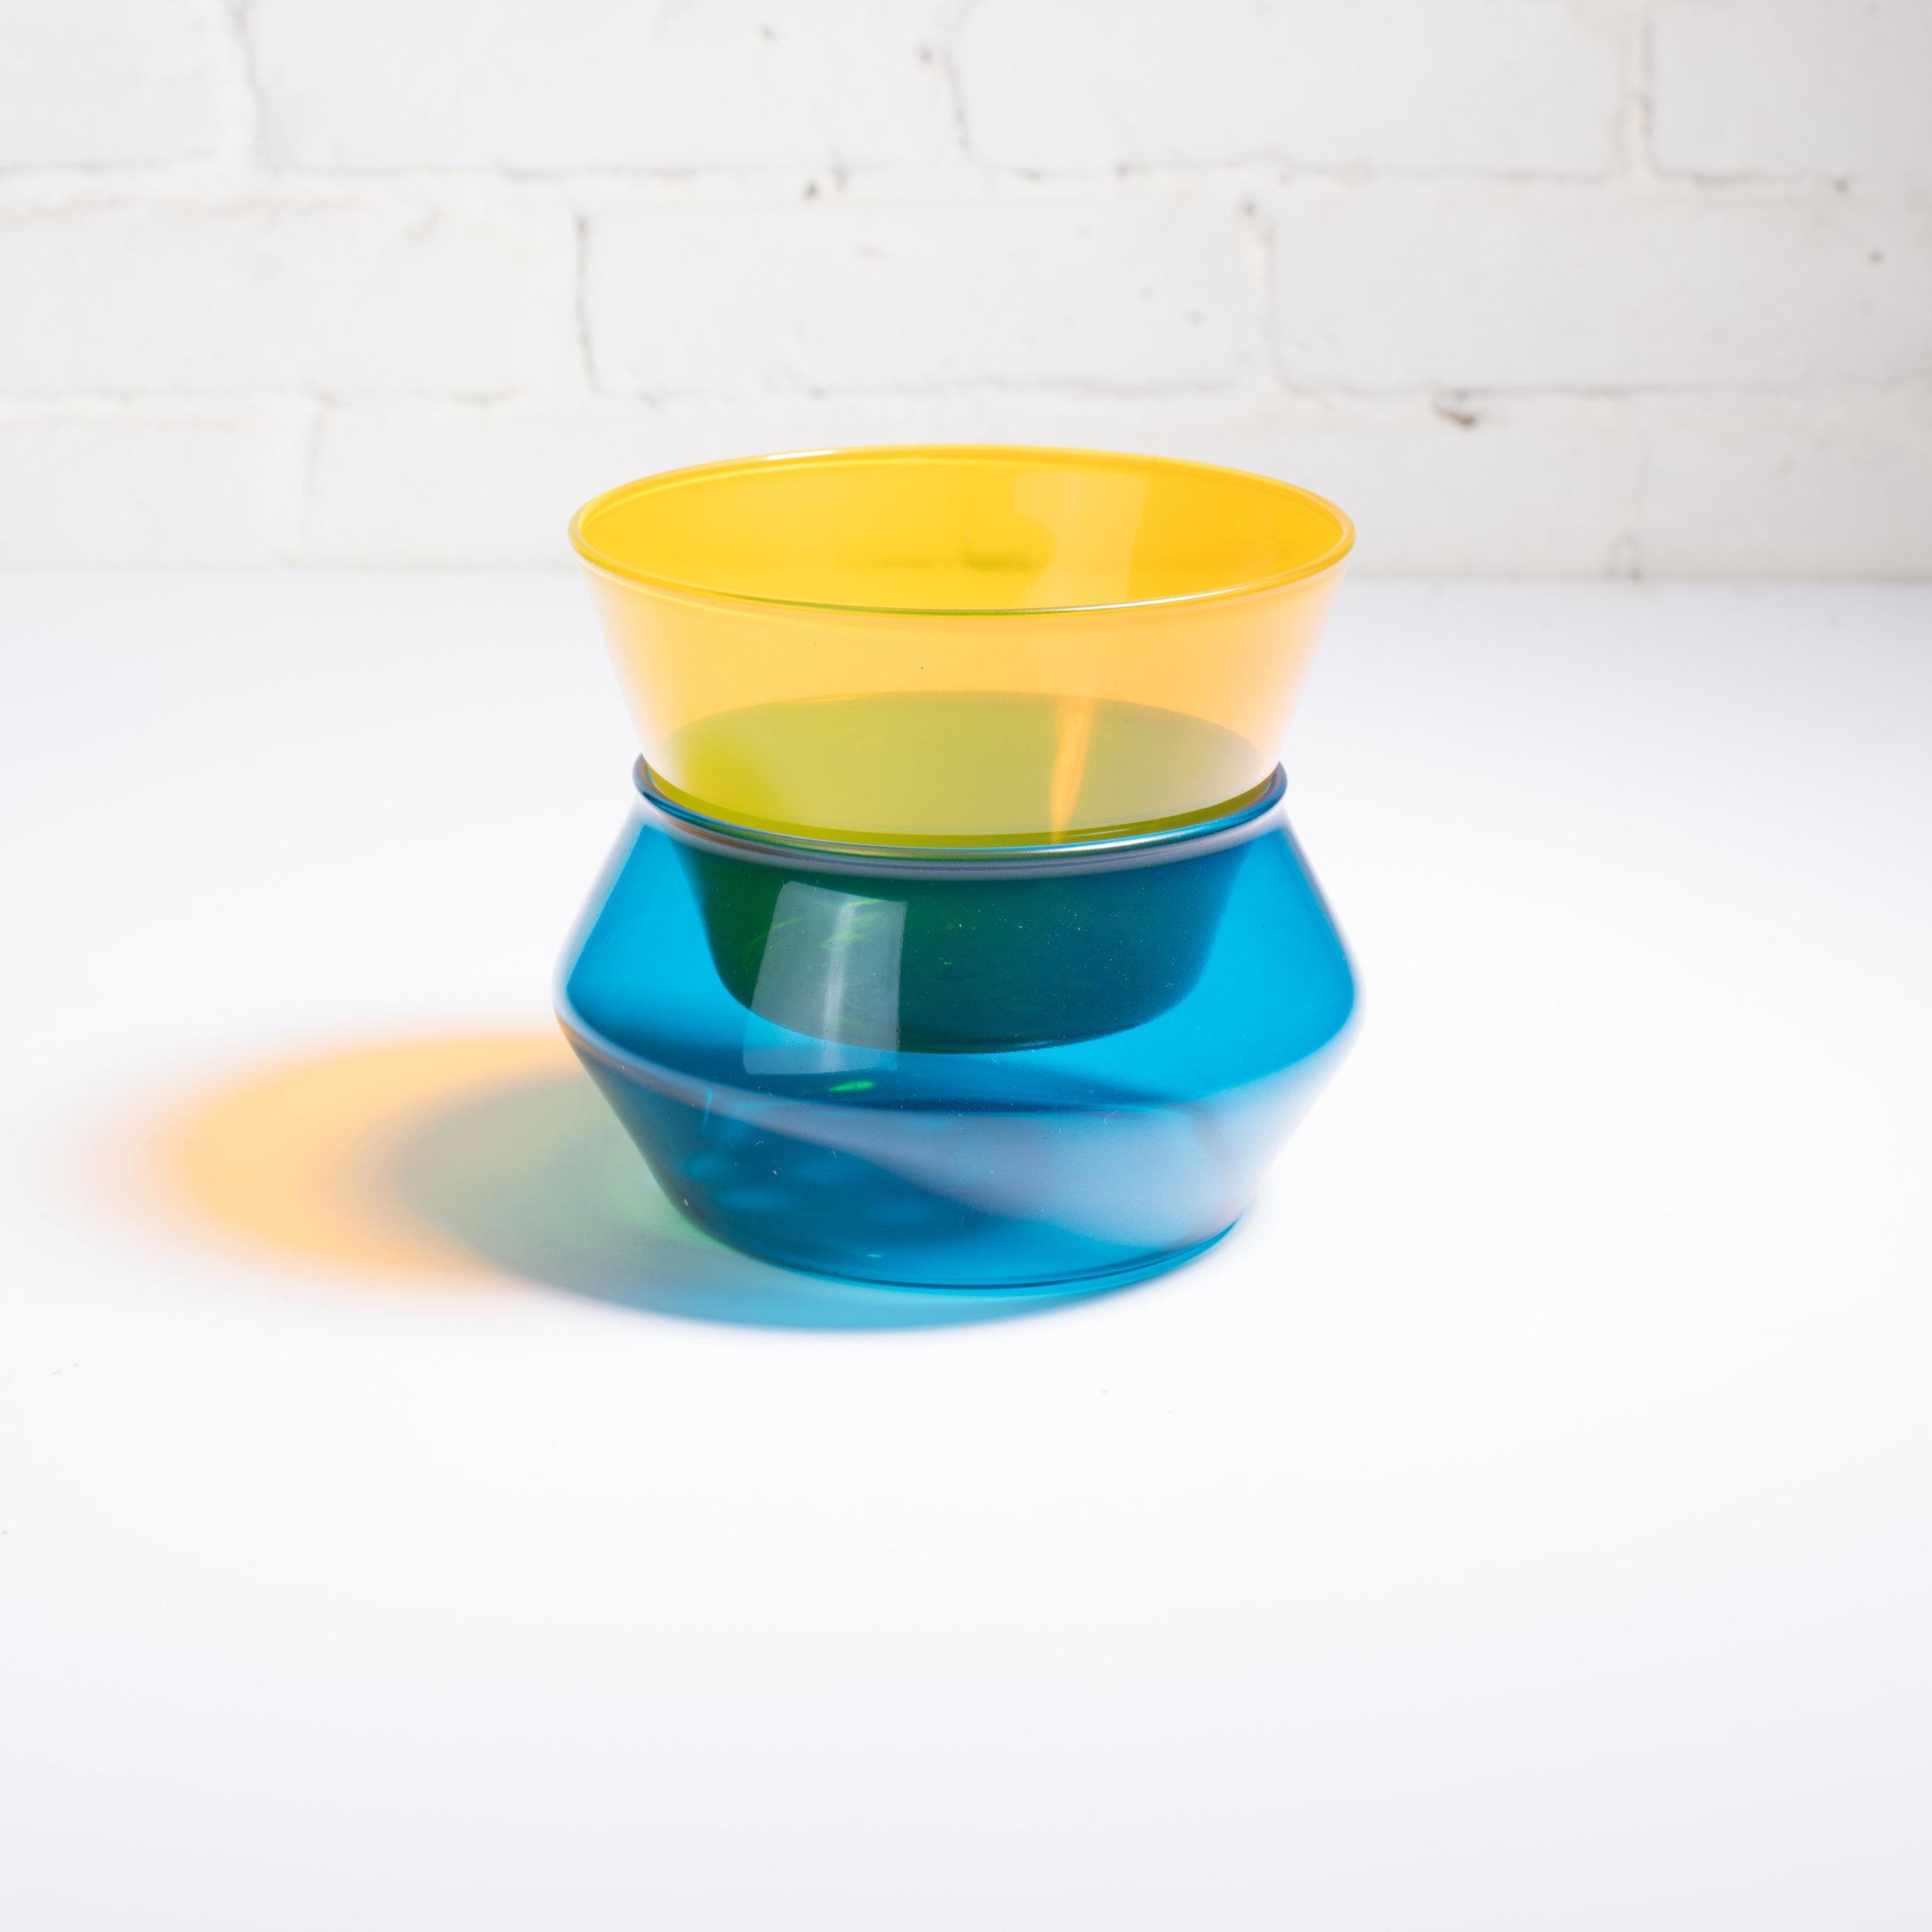 Fferone design + COOL HUNTING Omakase Albers Vase